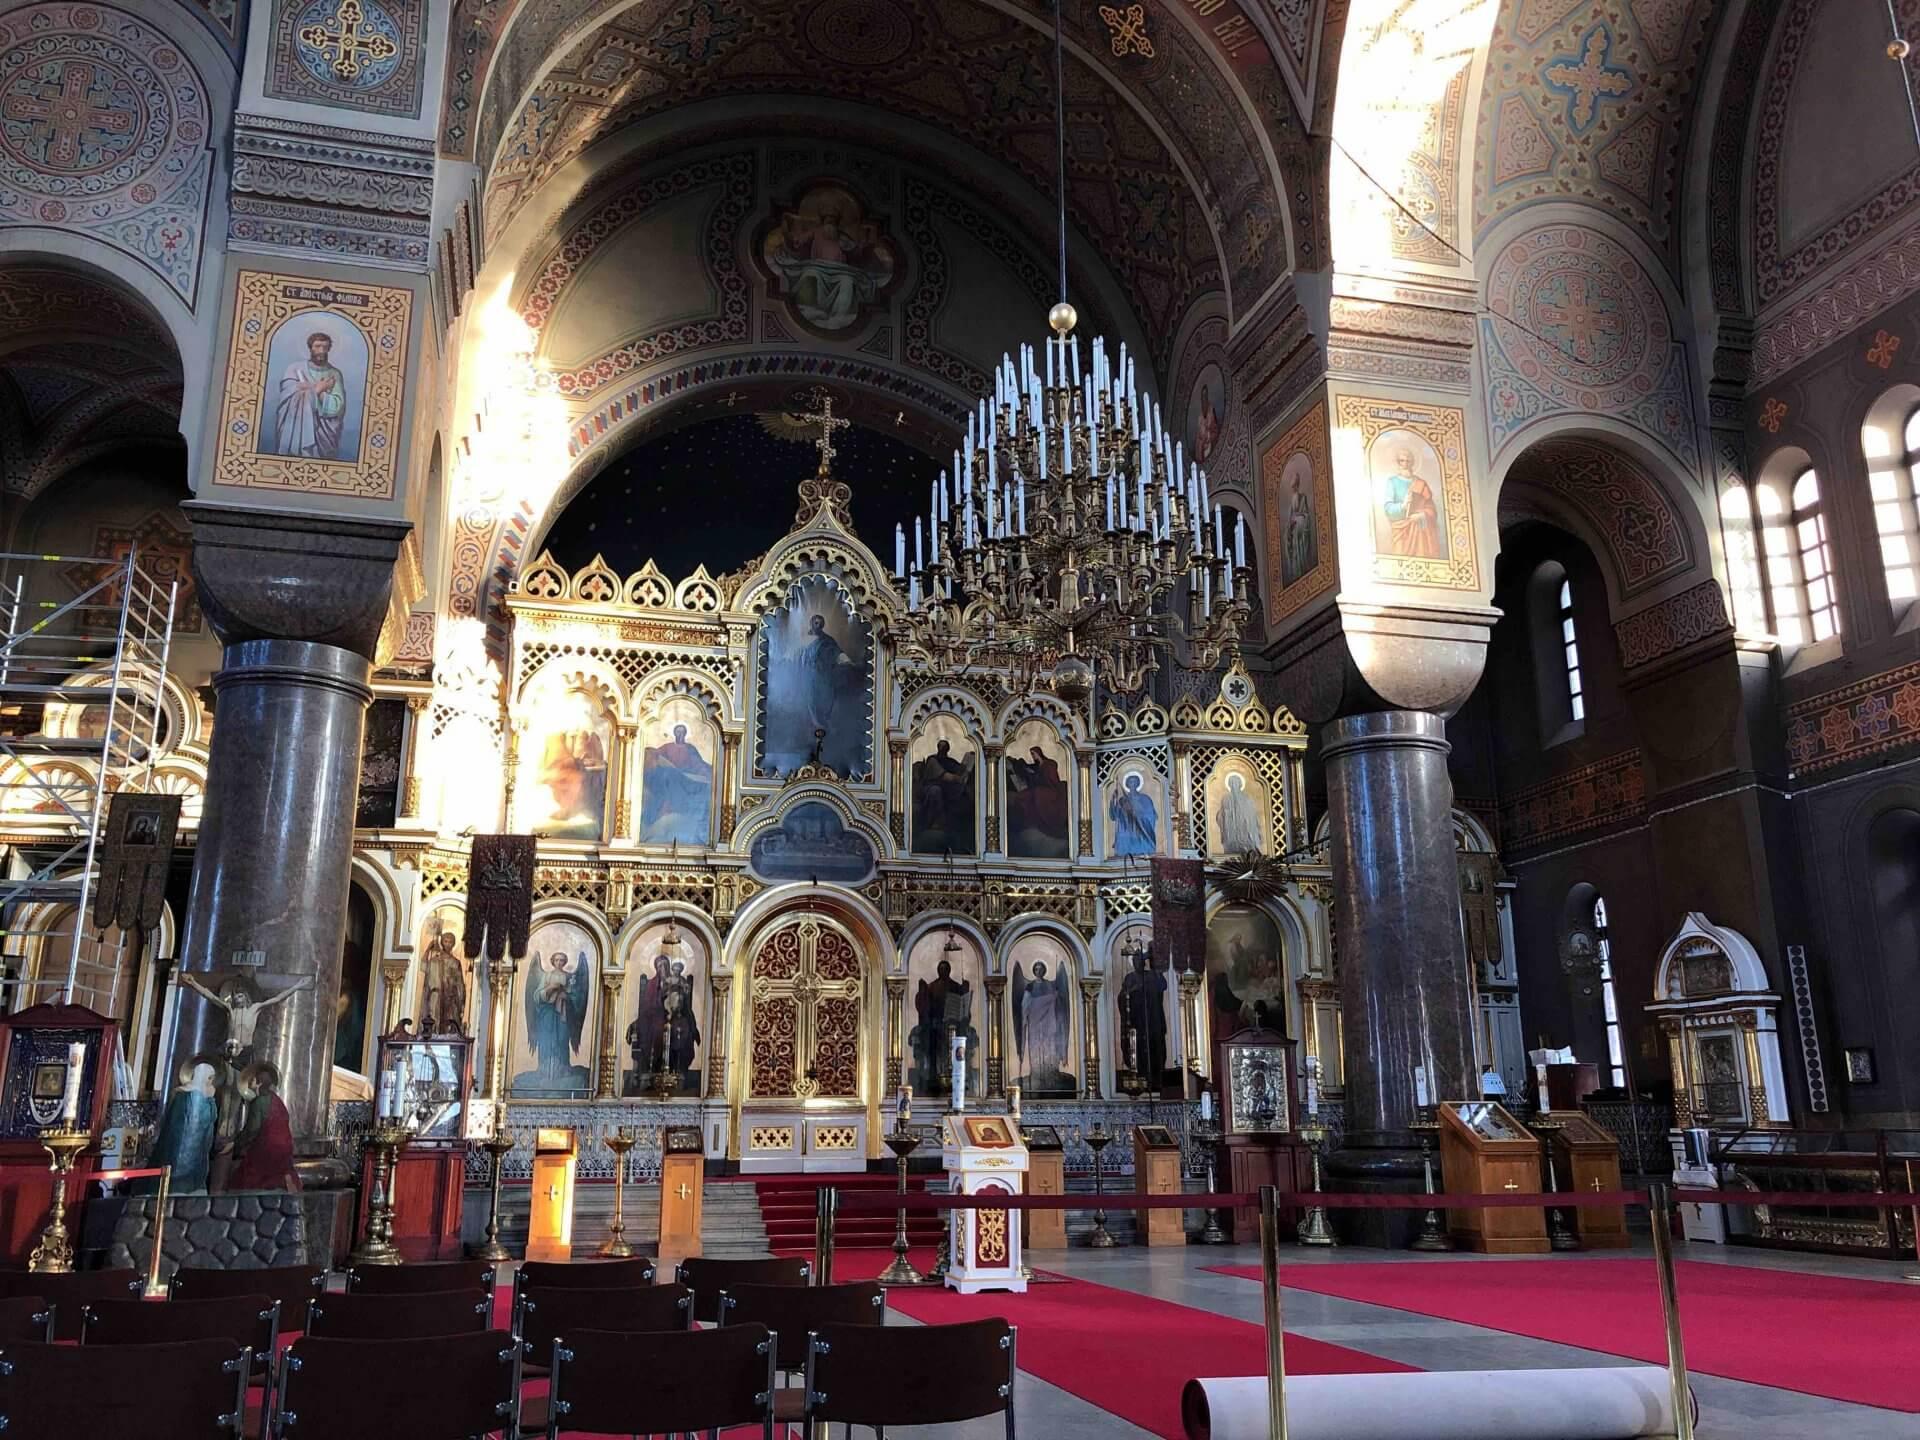 ウスペンスキー寺院の聖堂内部。静かで厳かな空気が流れていた